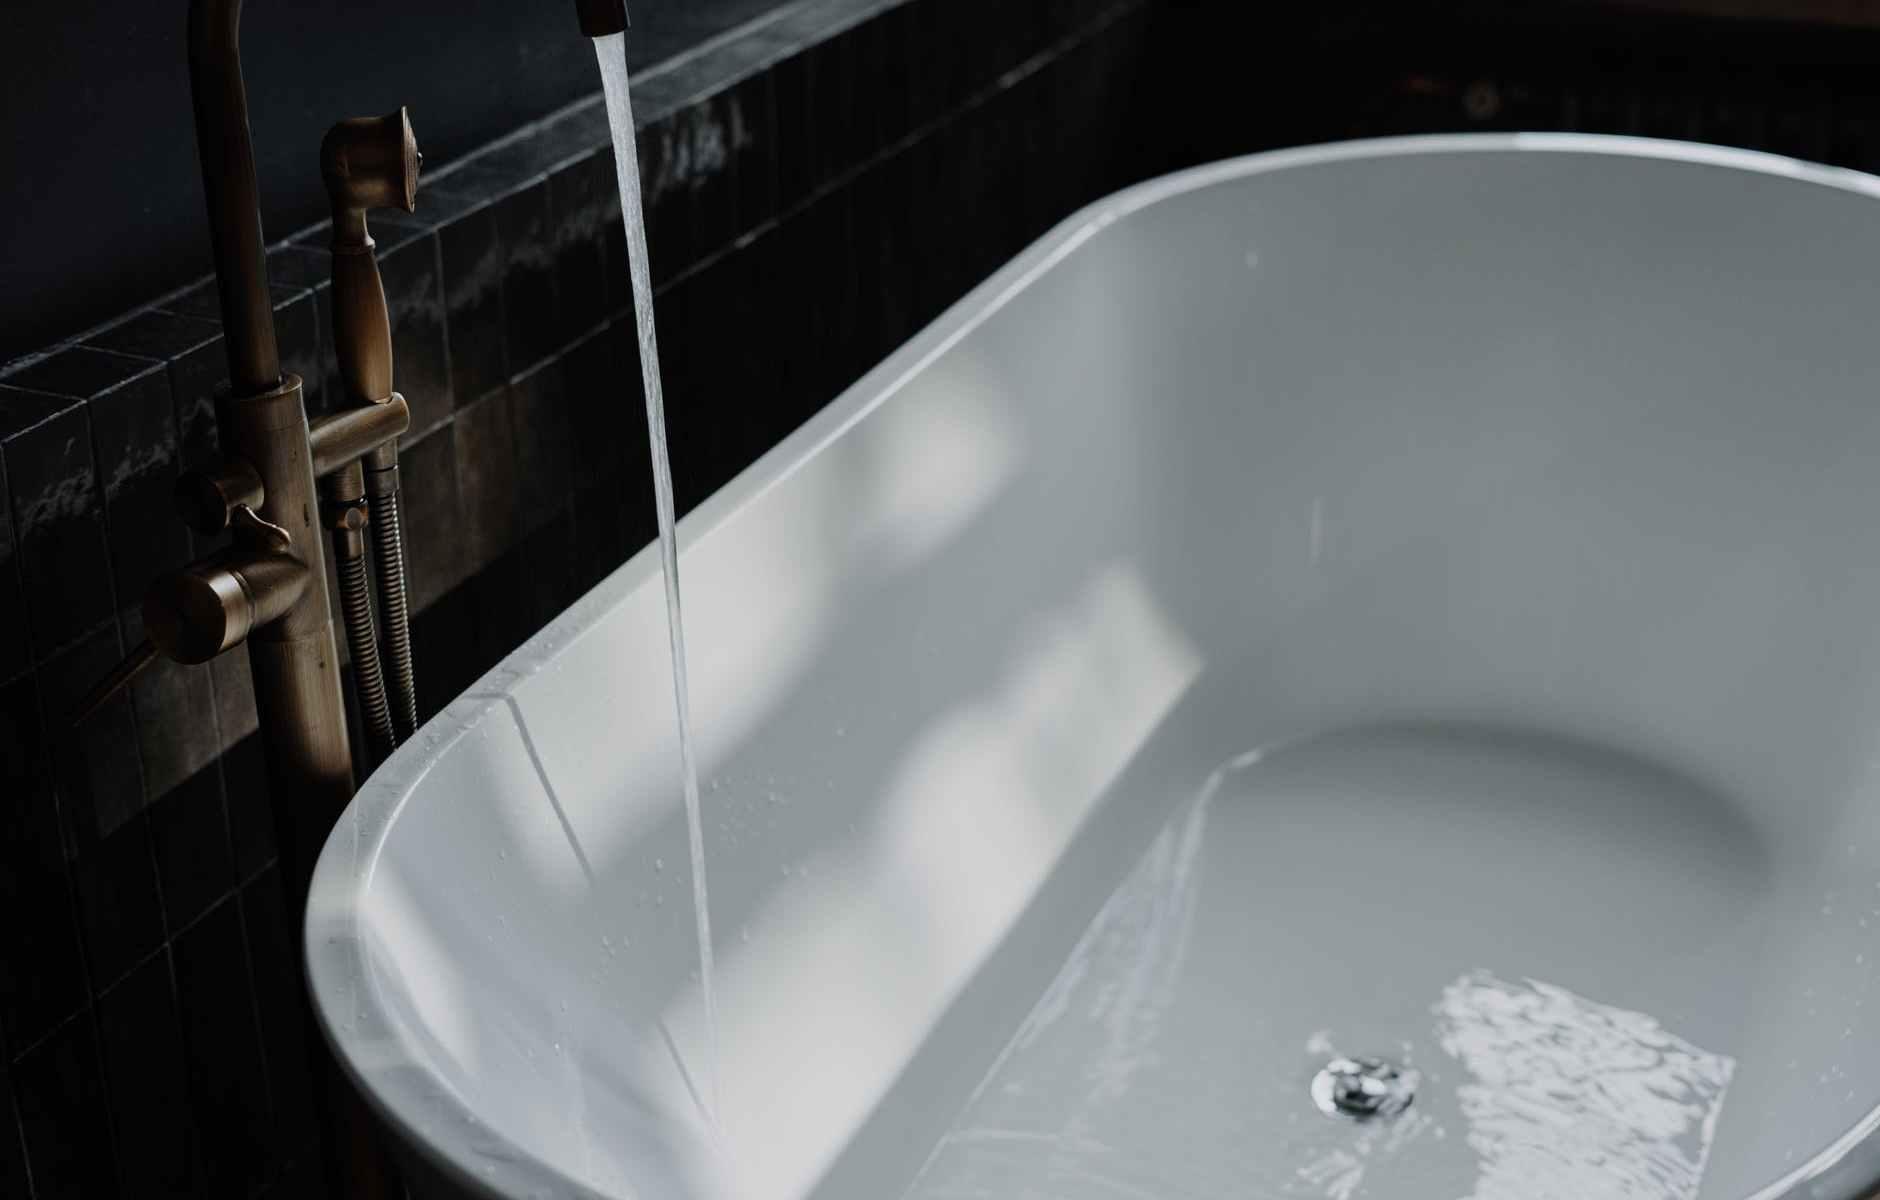 white ceramic bathtub with running water